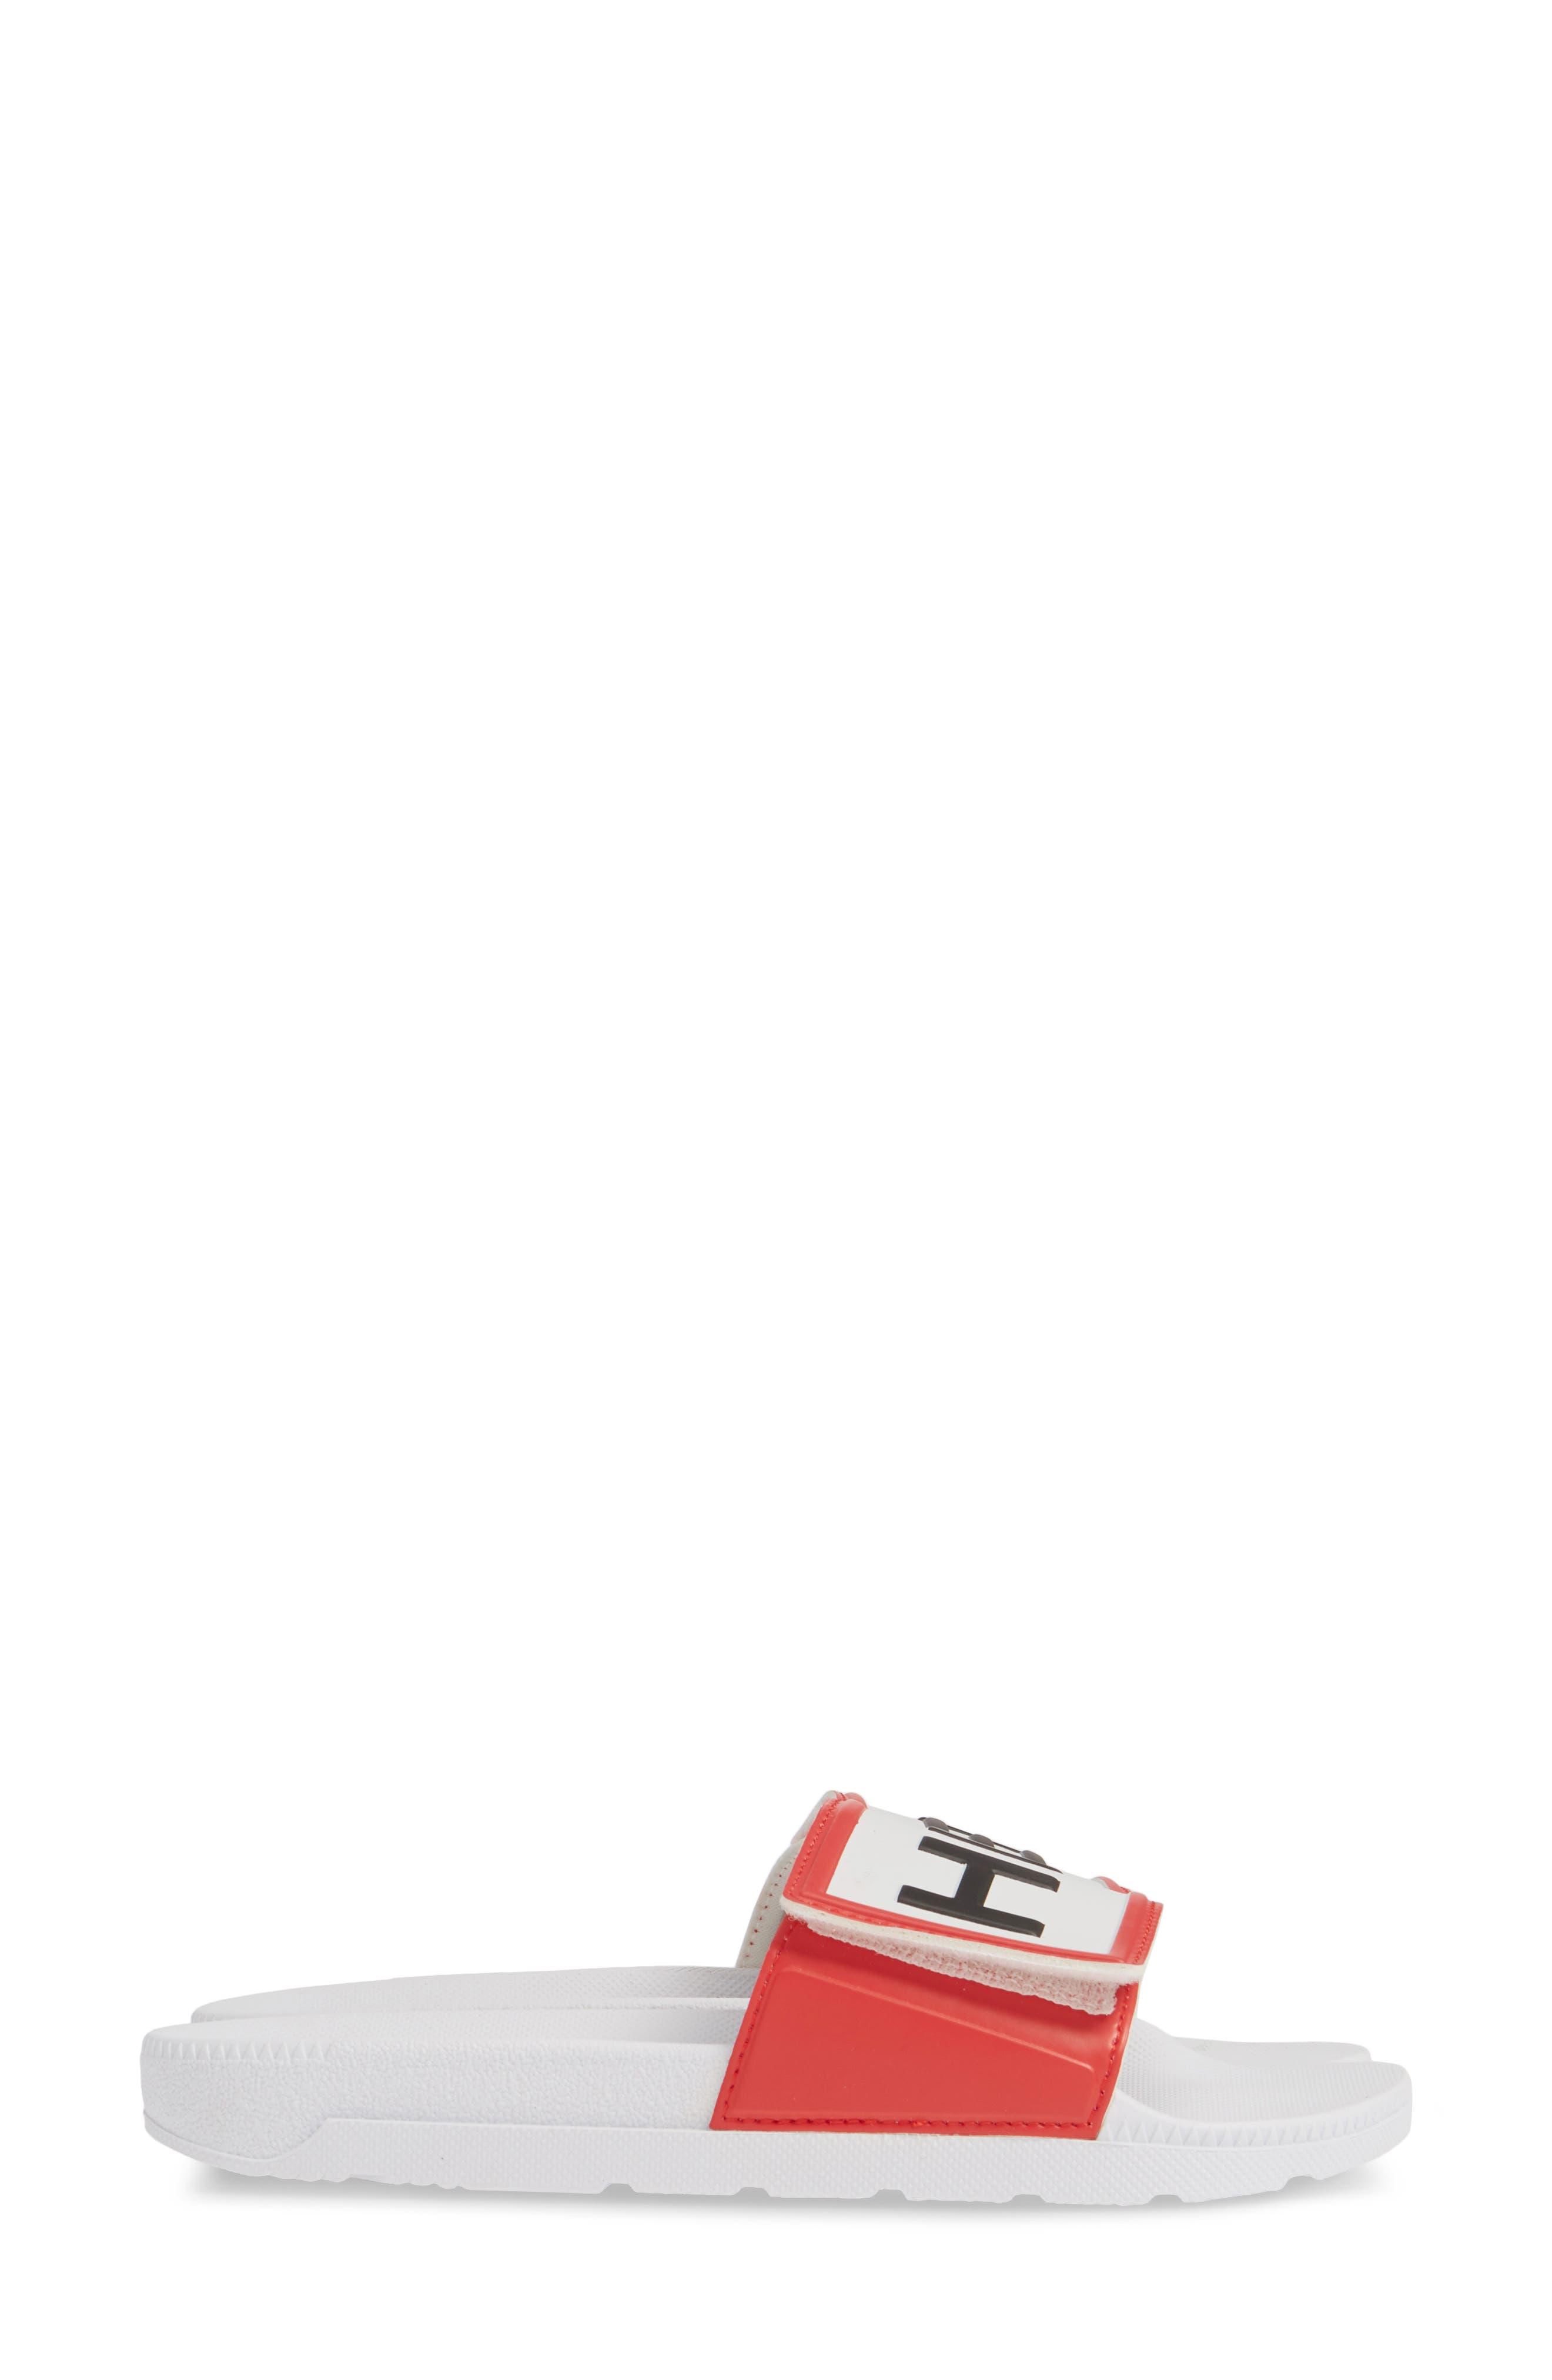 HUNTER, Original Adjustable Logo Slide Sandal, Alternate thumbnail 4, color, WHITE/ WHITE